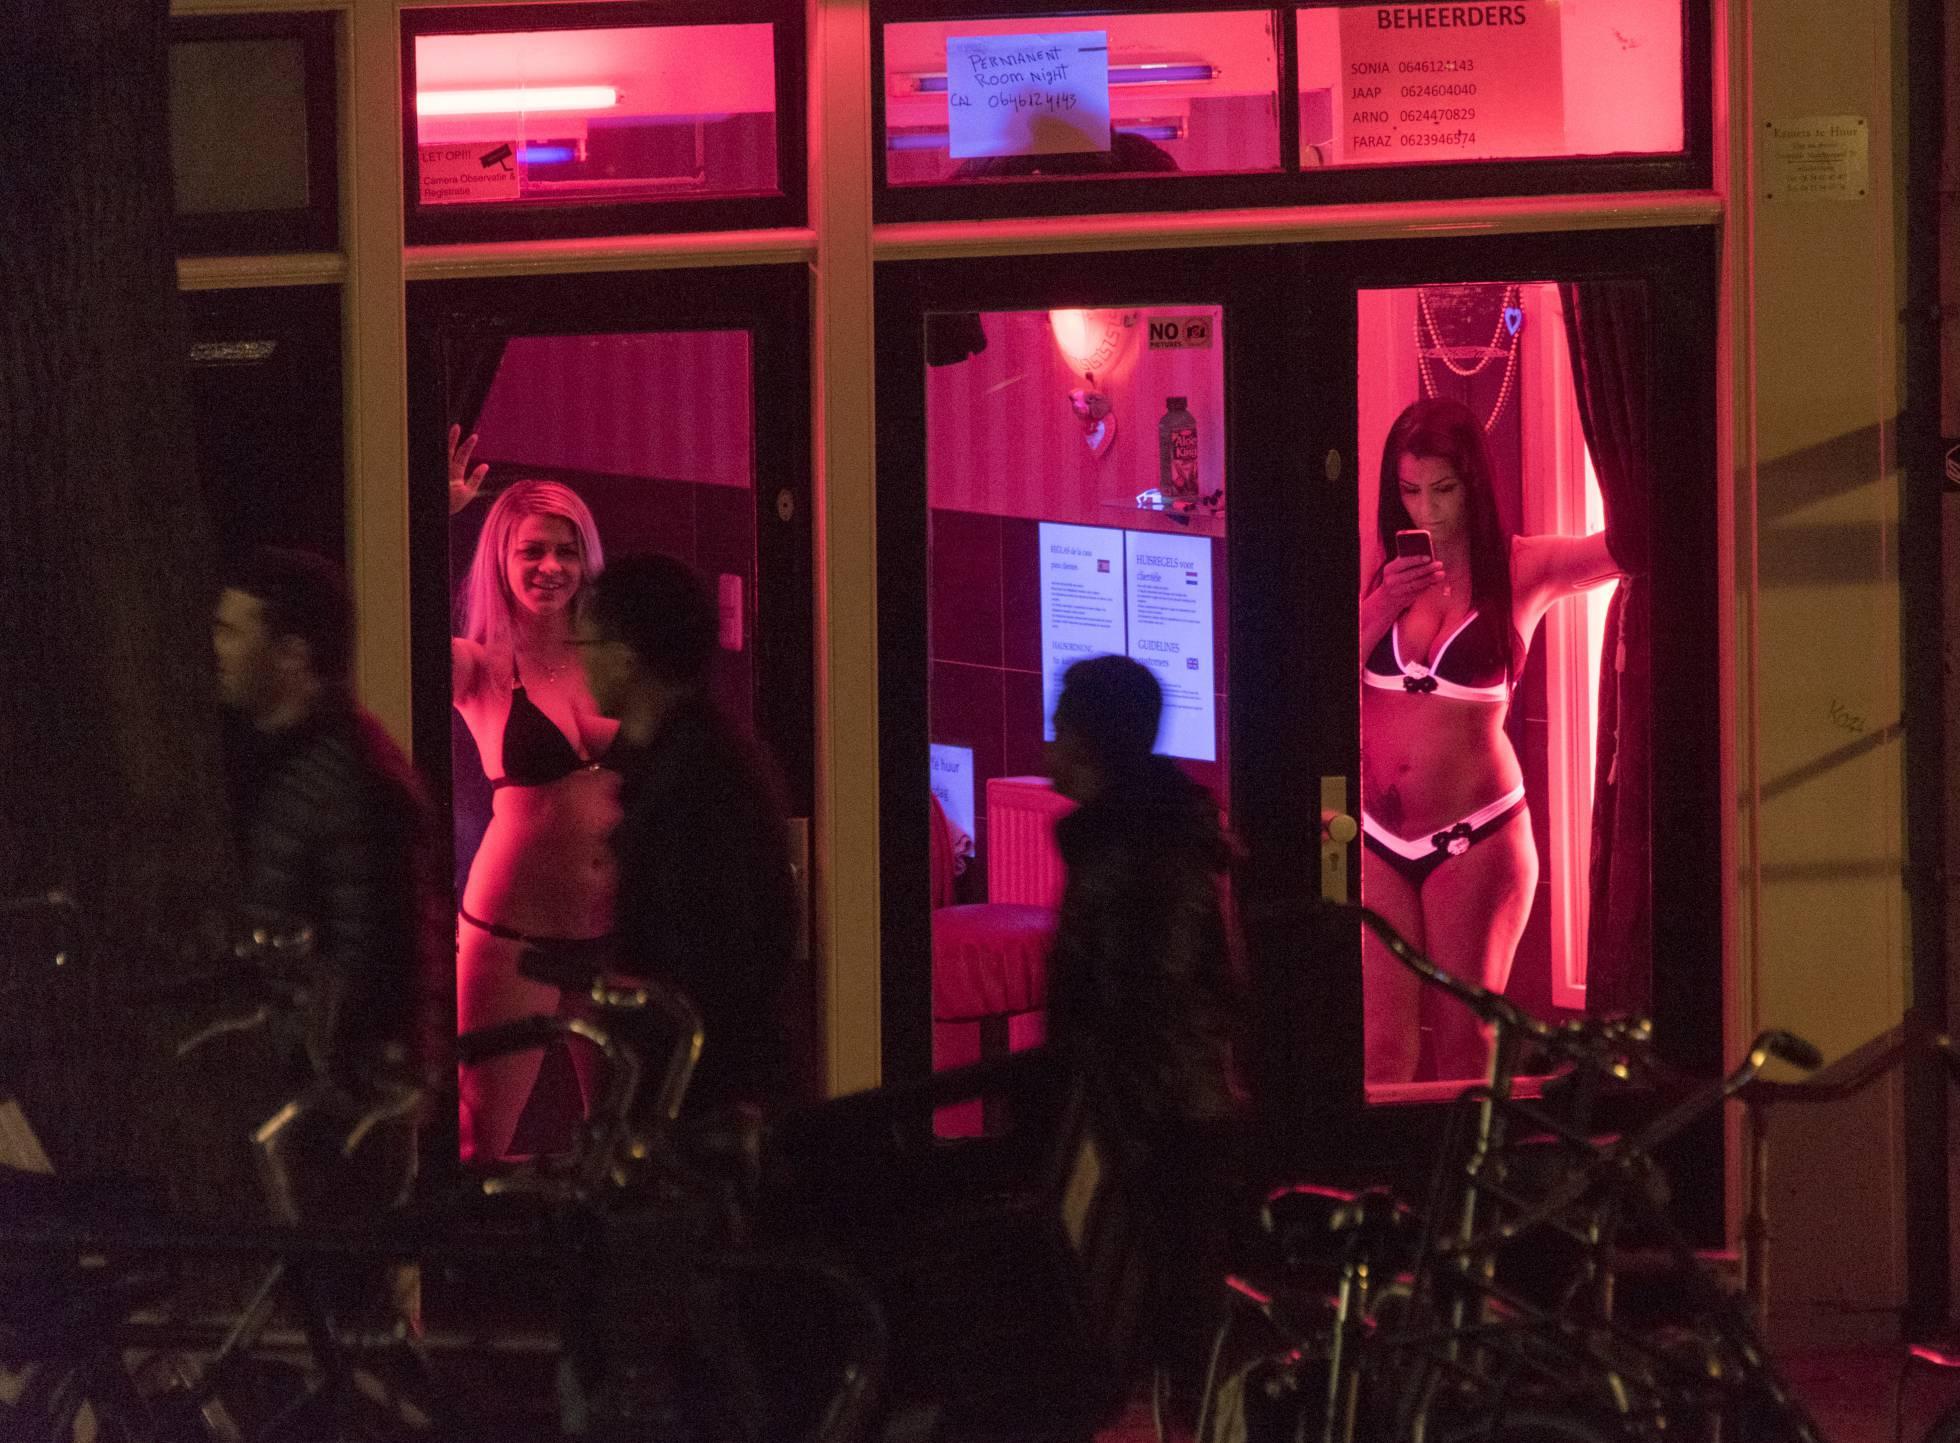 la prostitución es ilegal en españa como dejar las prostitutas